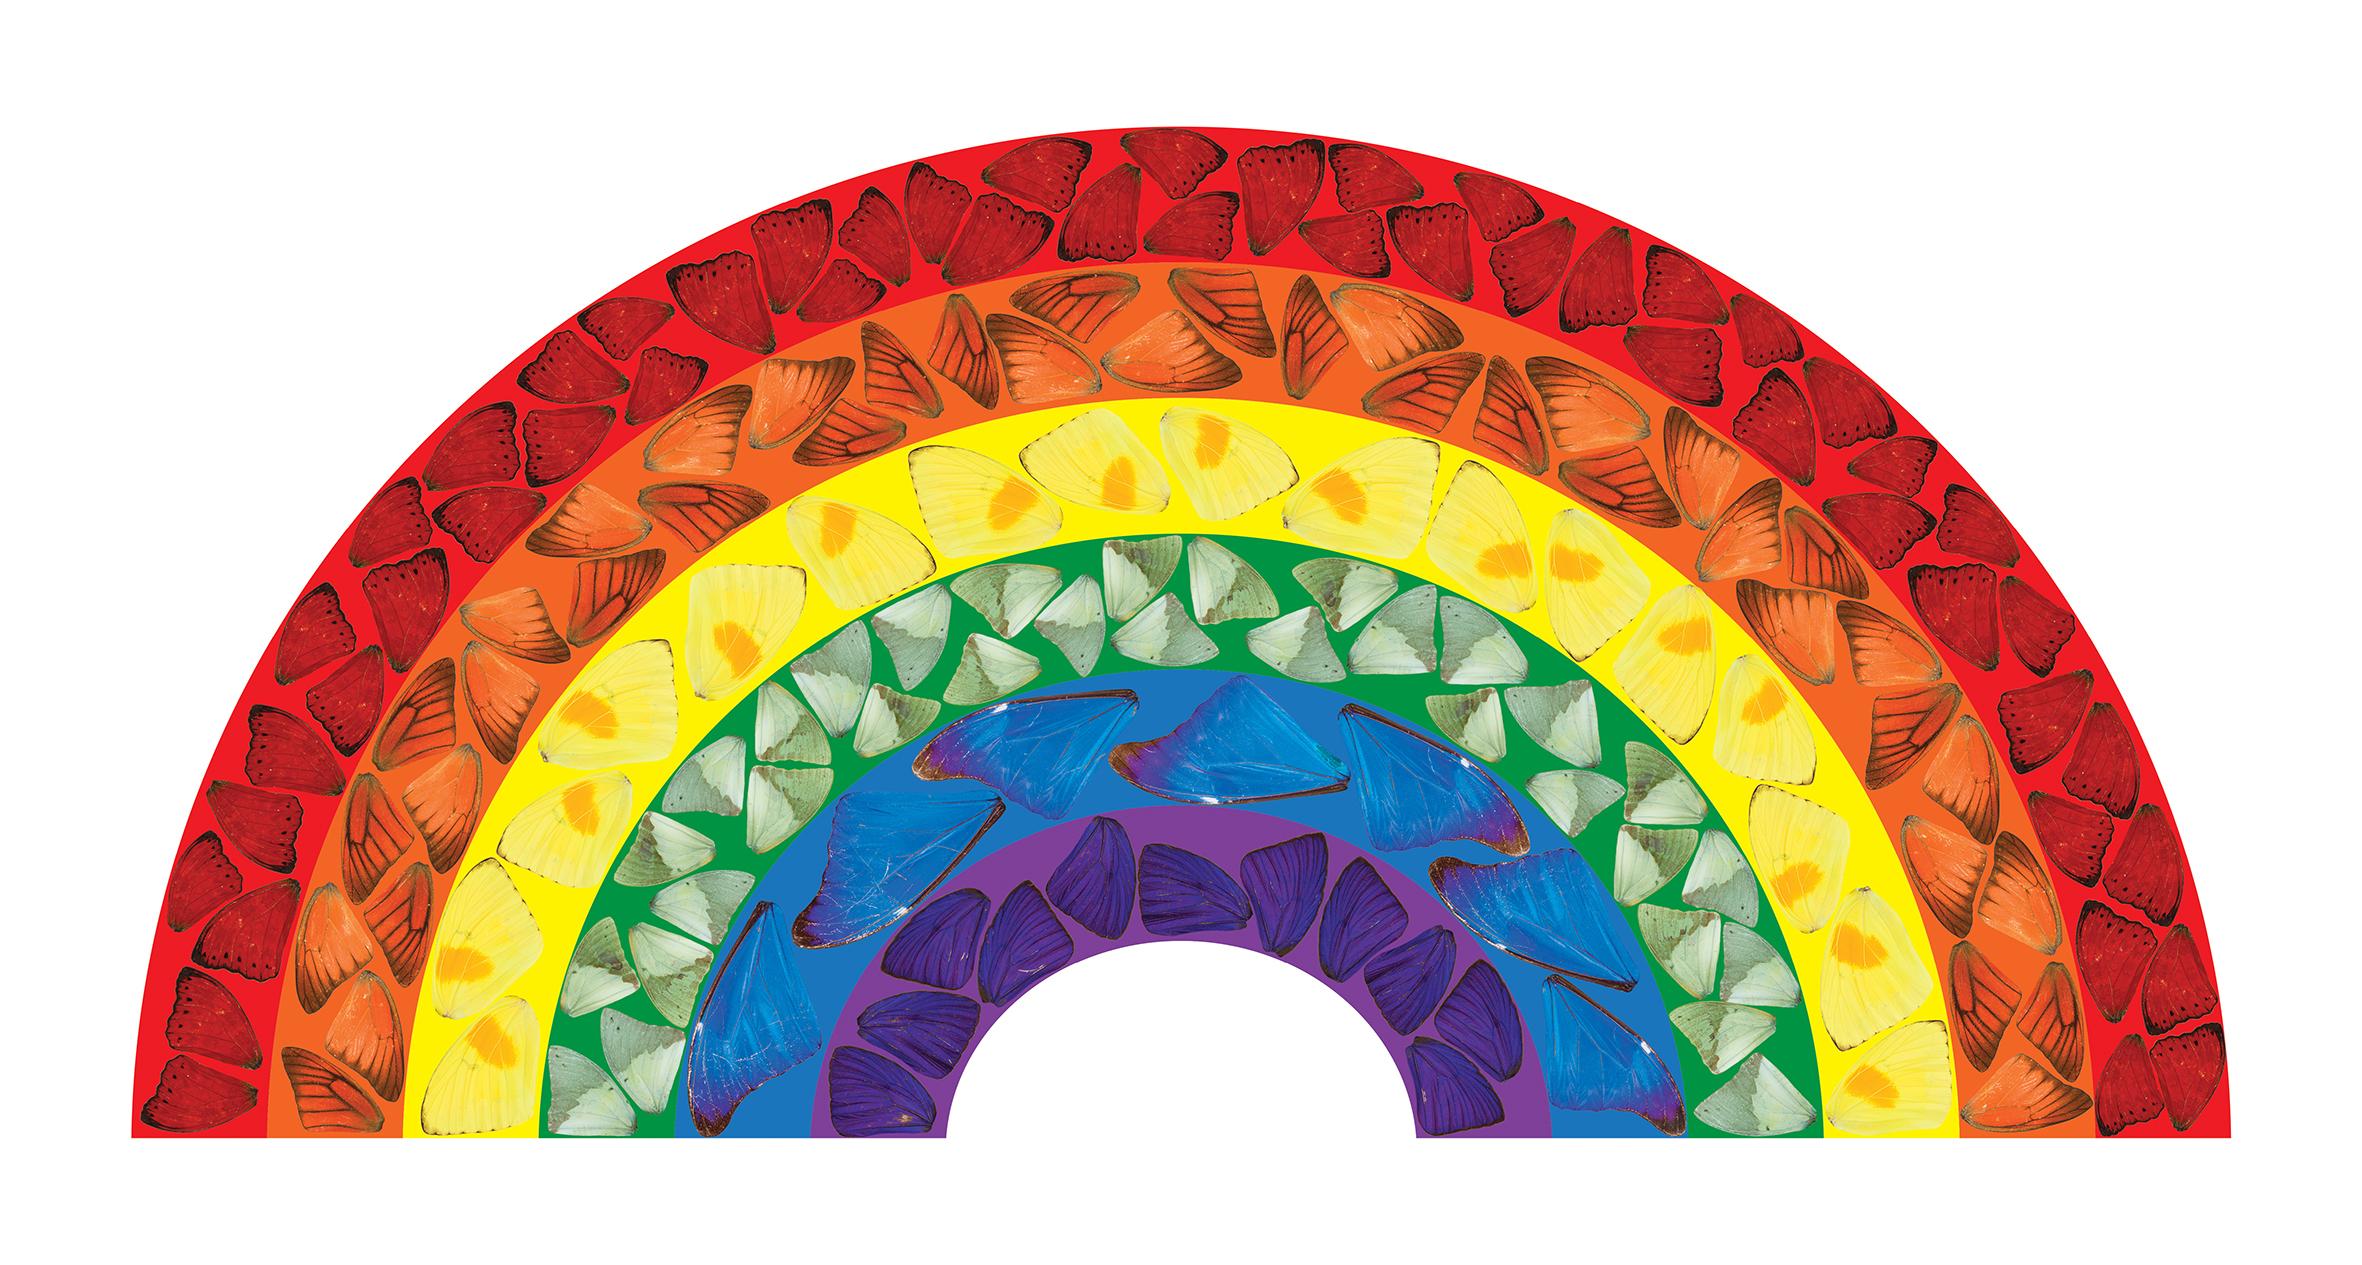 ダミアン・ハーストが医療従事者に敬意を表し、無料DL可能な虹の絵を発表